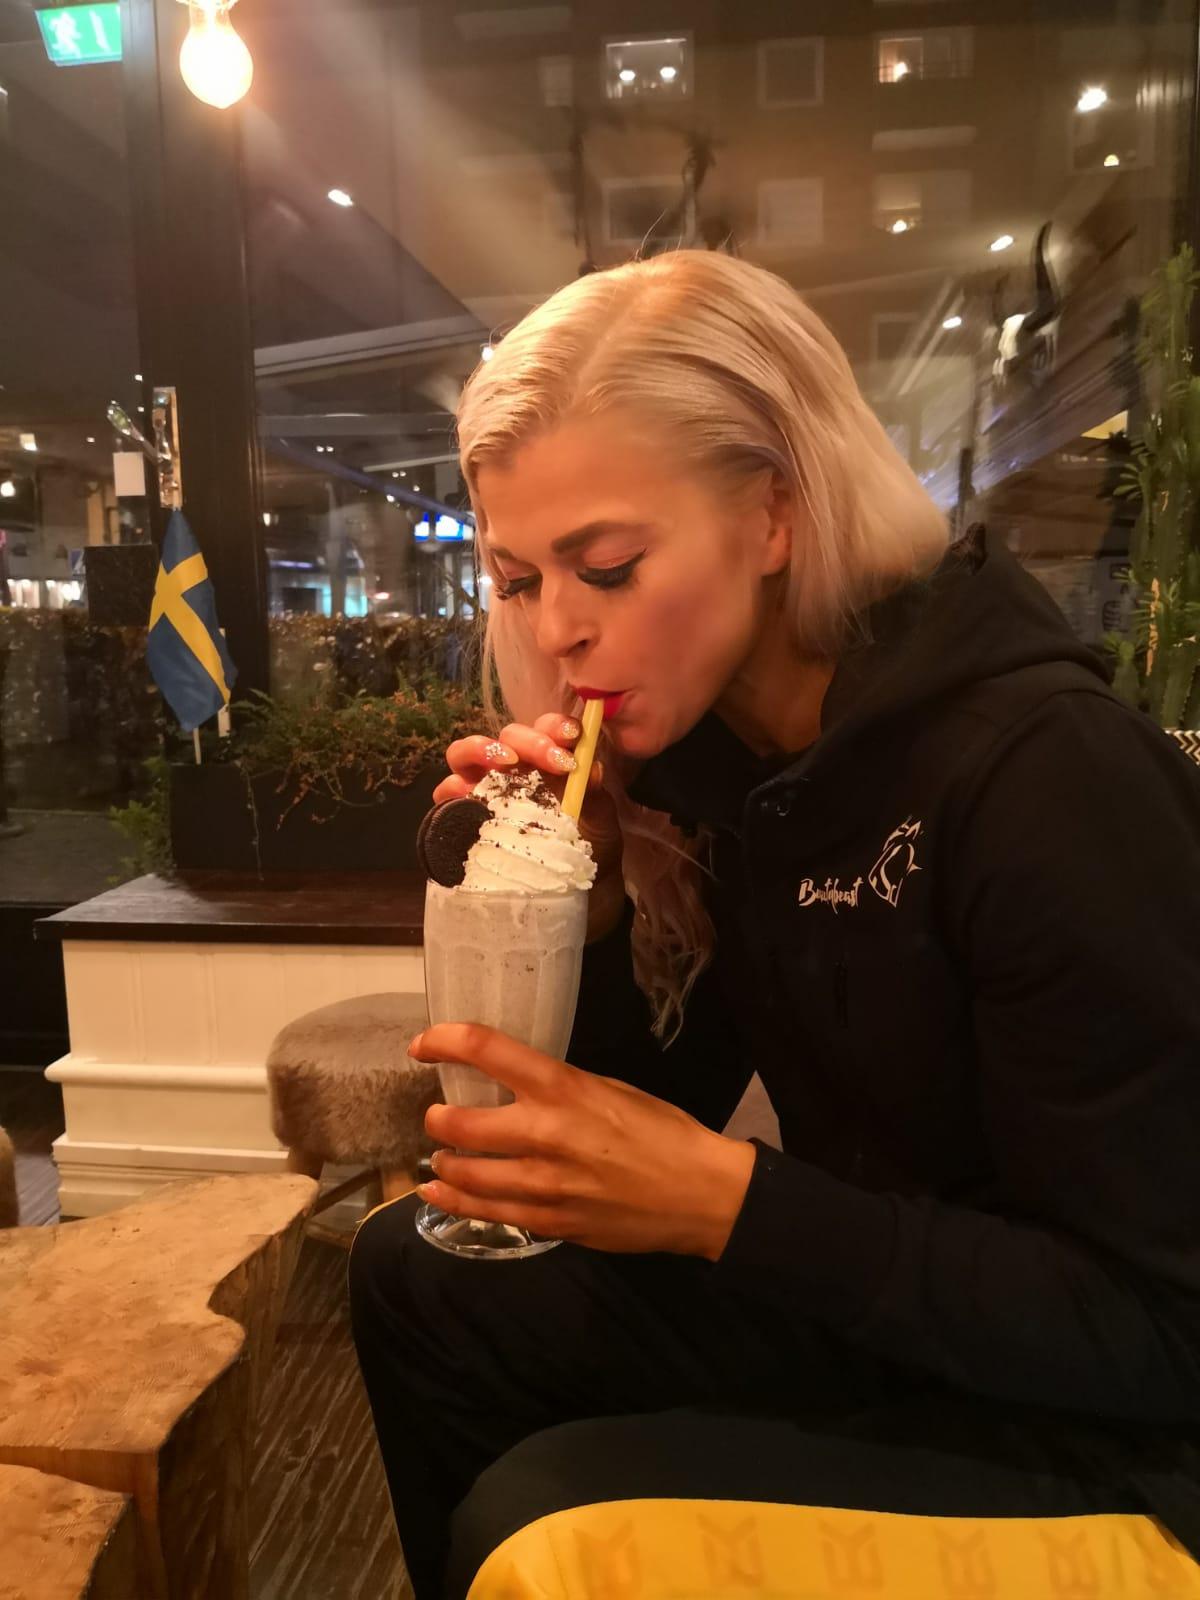 Linn Stenholm Fitness Bikinifitness swefit